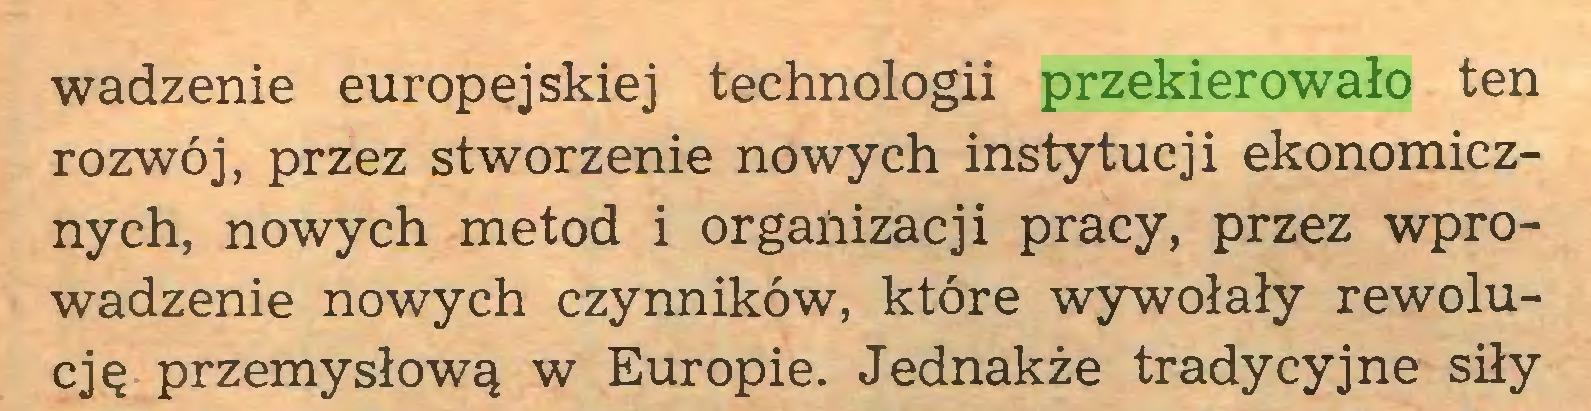 (...) wadzenie europejskiej technologii przekierowało ten rozwój, przez stworzenie nowych instytucji ekonomicznych, nowych metod i organizacji pracy, przez wprowadzenie nowych czynników, które wywołały rewolucję przemysłową w Europie. Jednakże tradycyjne siły...